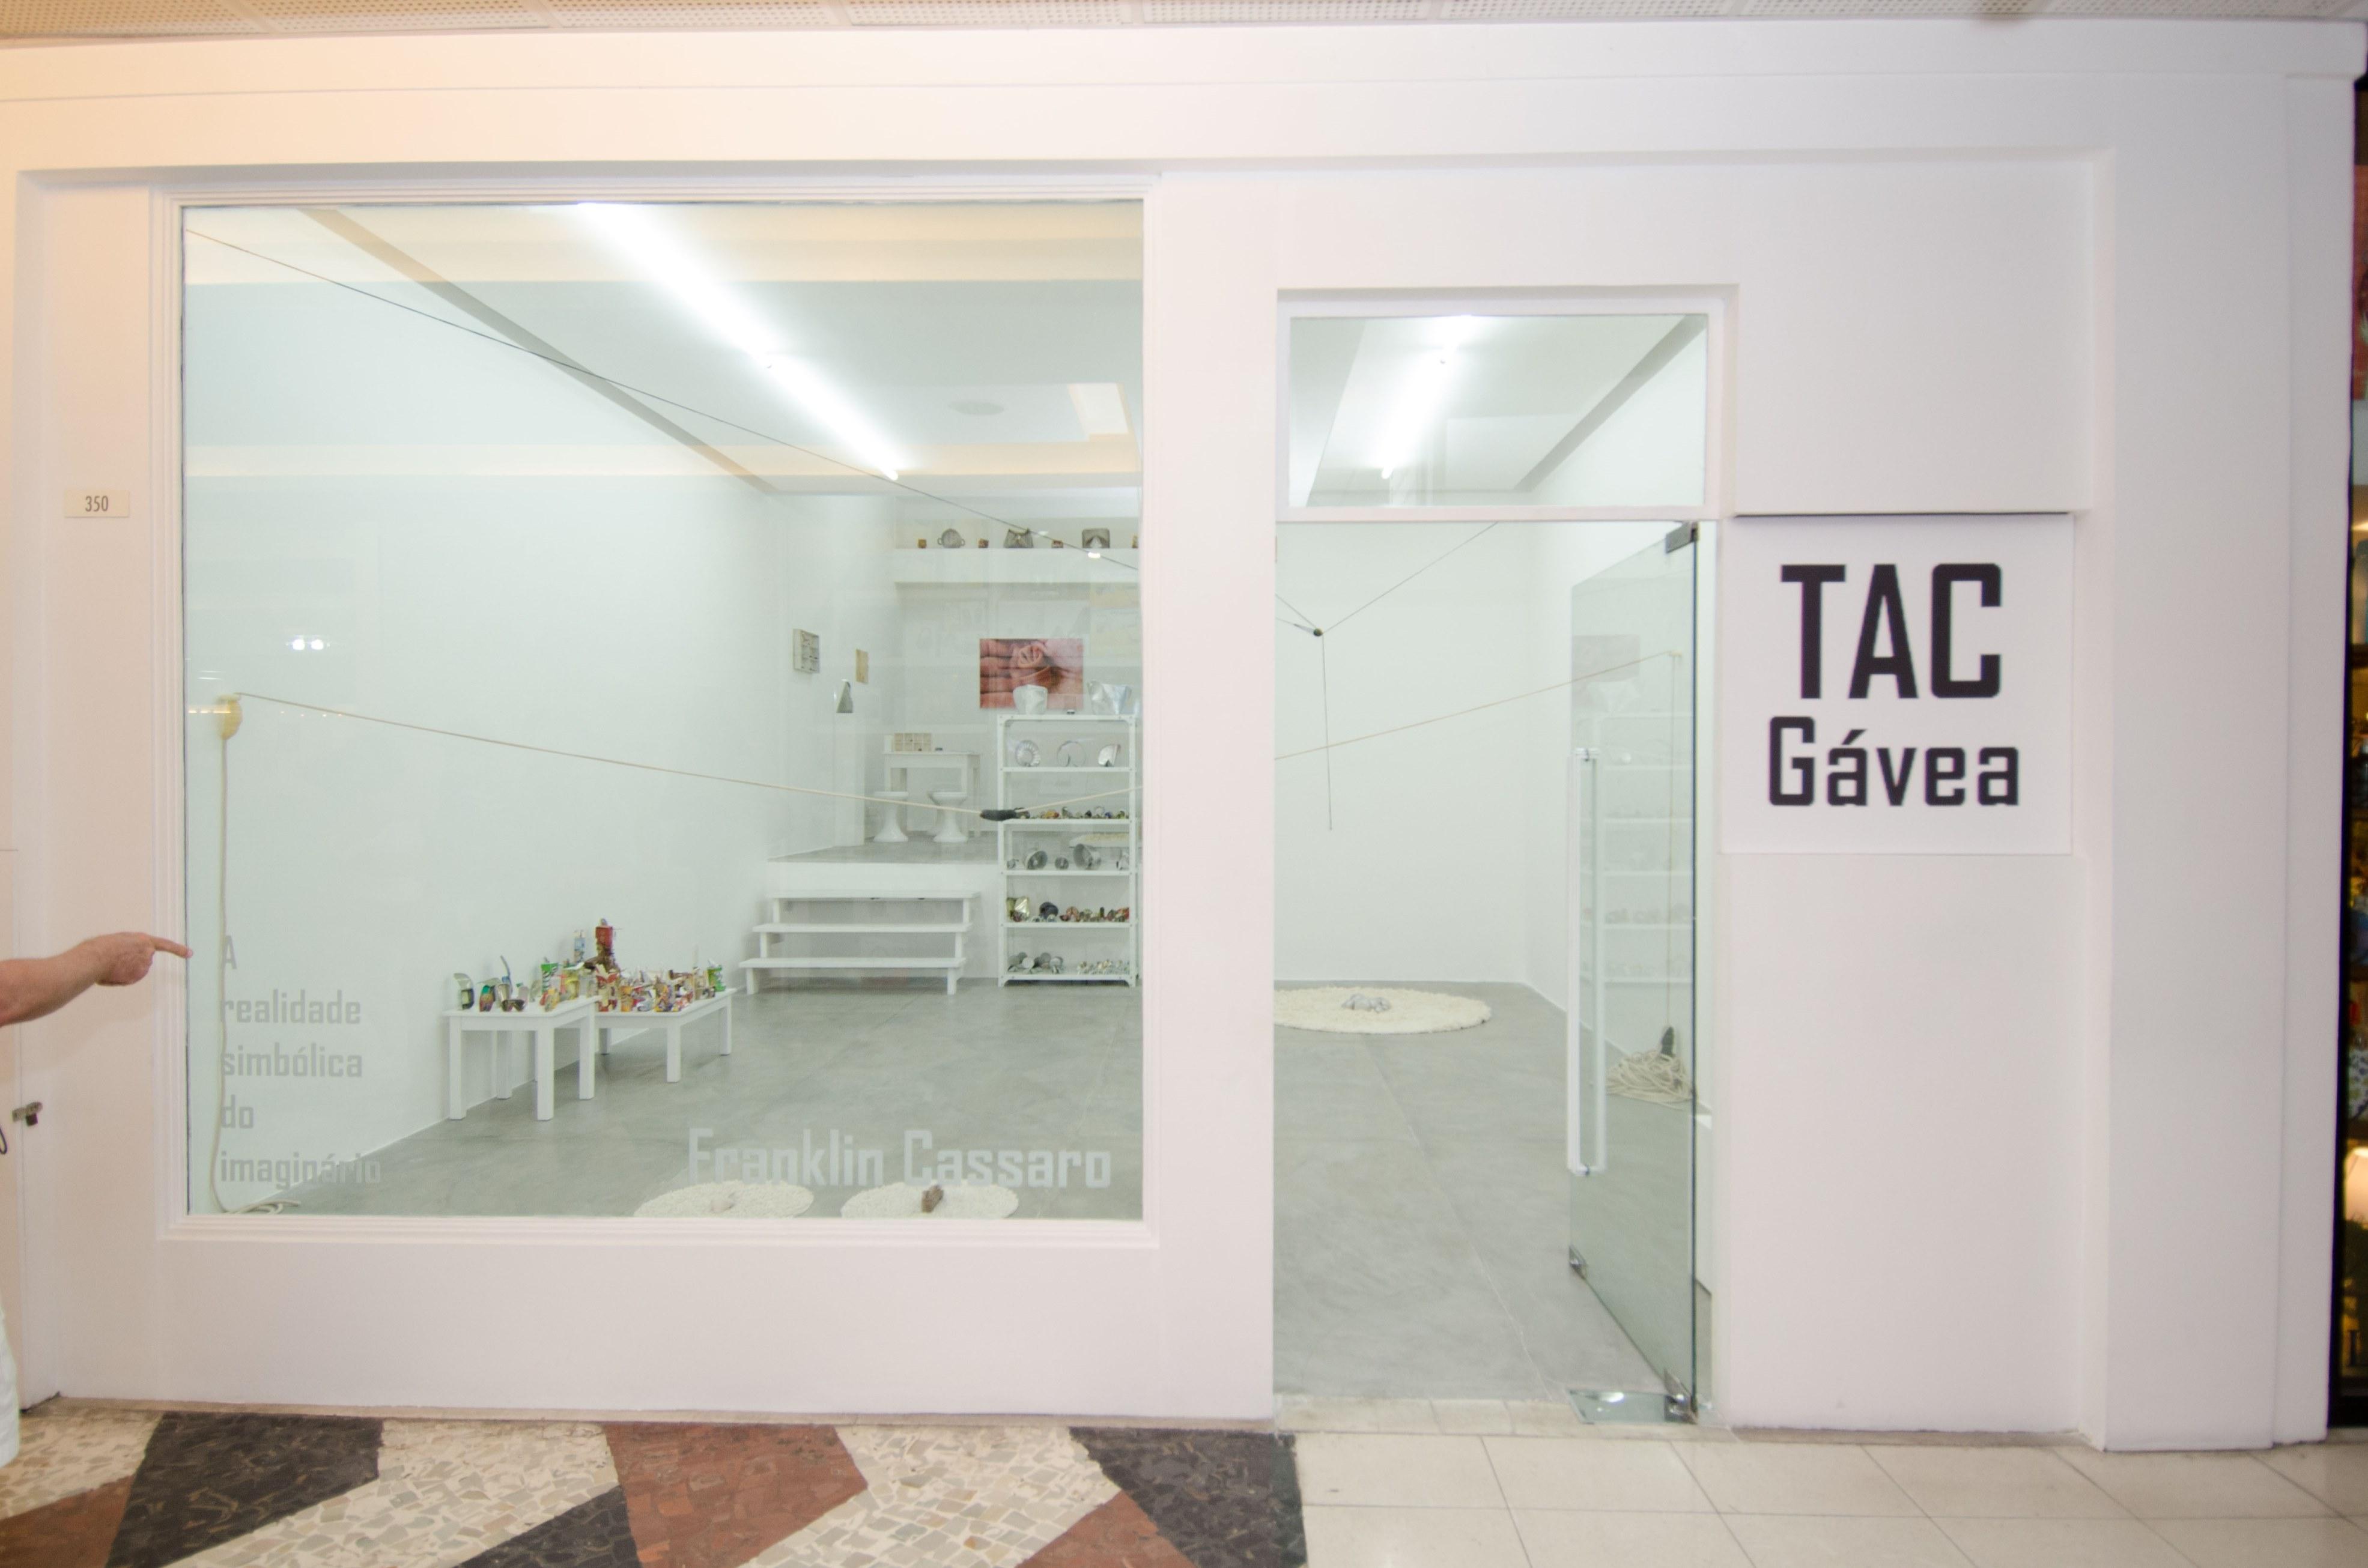 Novidades da galeria TAC